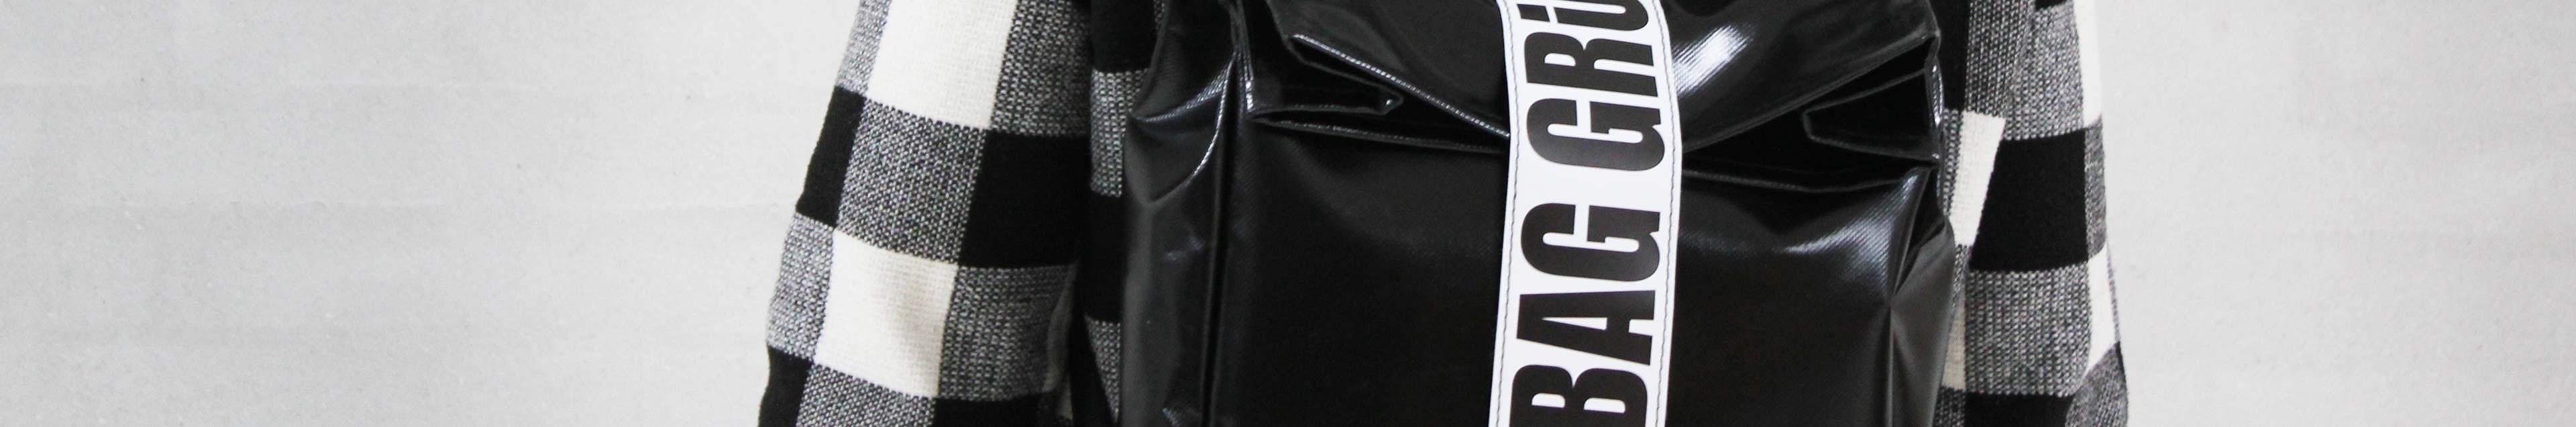 Alden Backpack